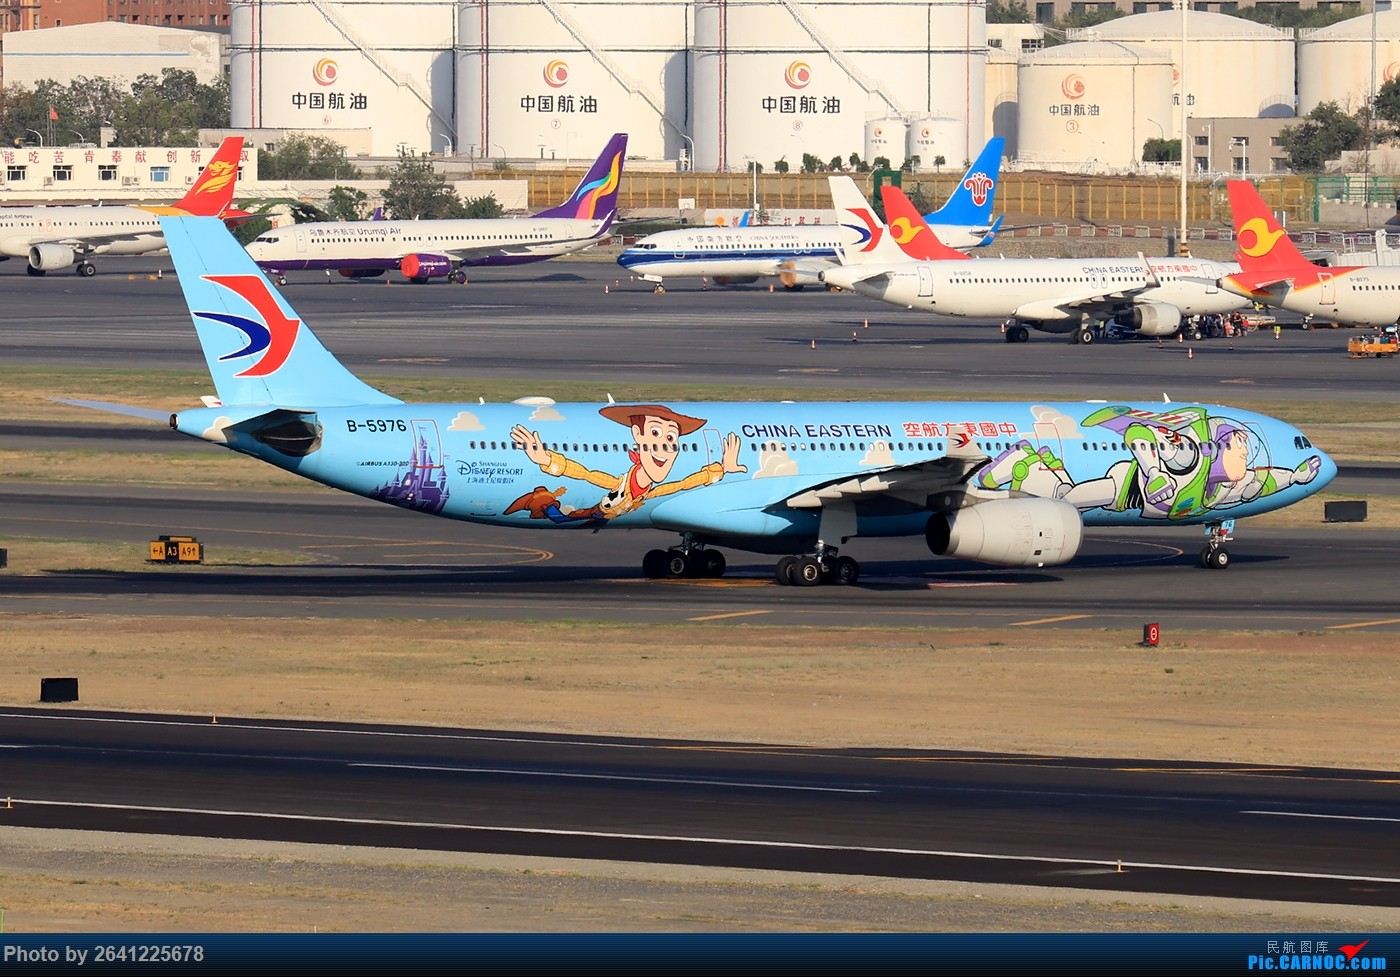 Re:[原创]【小周游记第7集拍机贴】多图预警——乌鲁木齐绝美的地景和光线 AIRBUS A330-300 B-5976 中国乌鲁木齐地窝堡国际机场